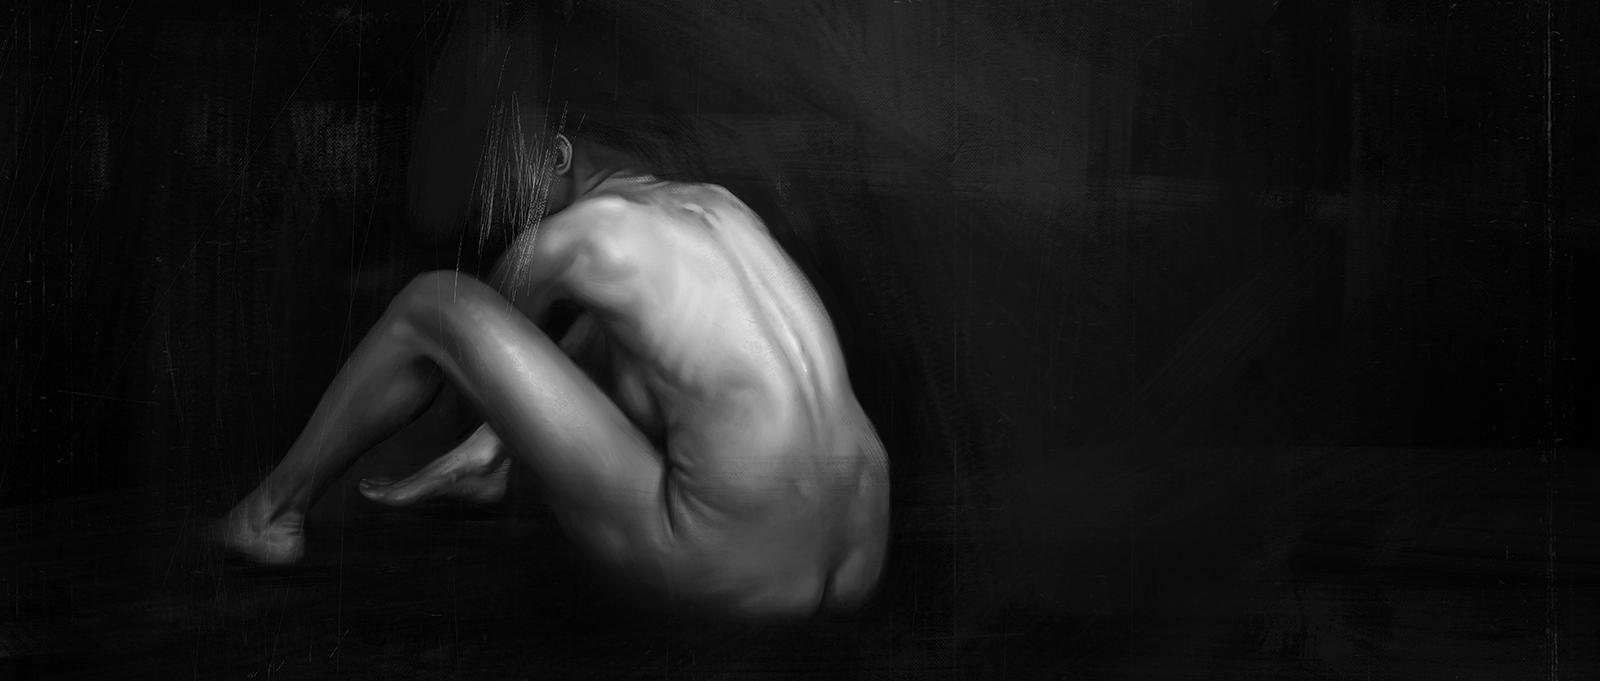 igor-kovalov-nude-5-digital-painting-30x13-300.jpg